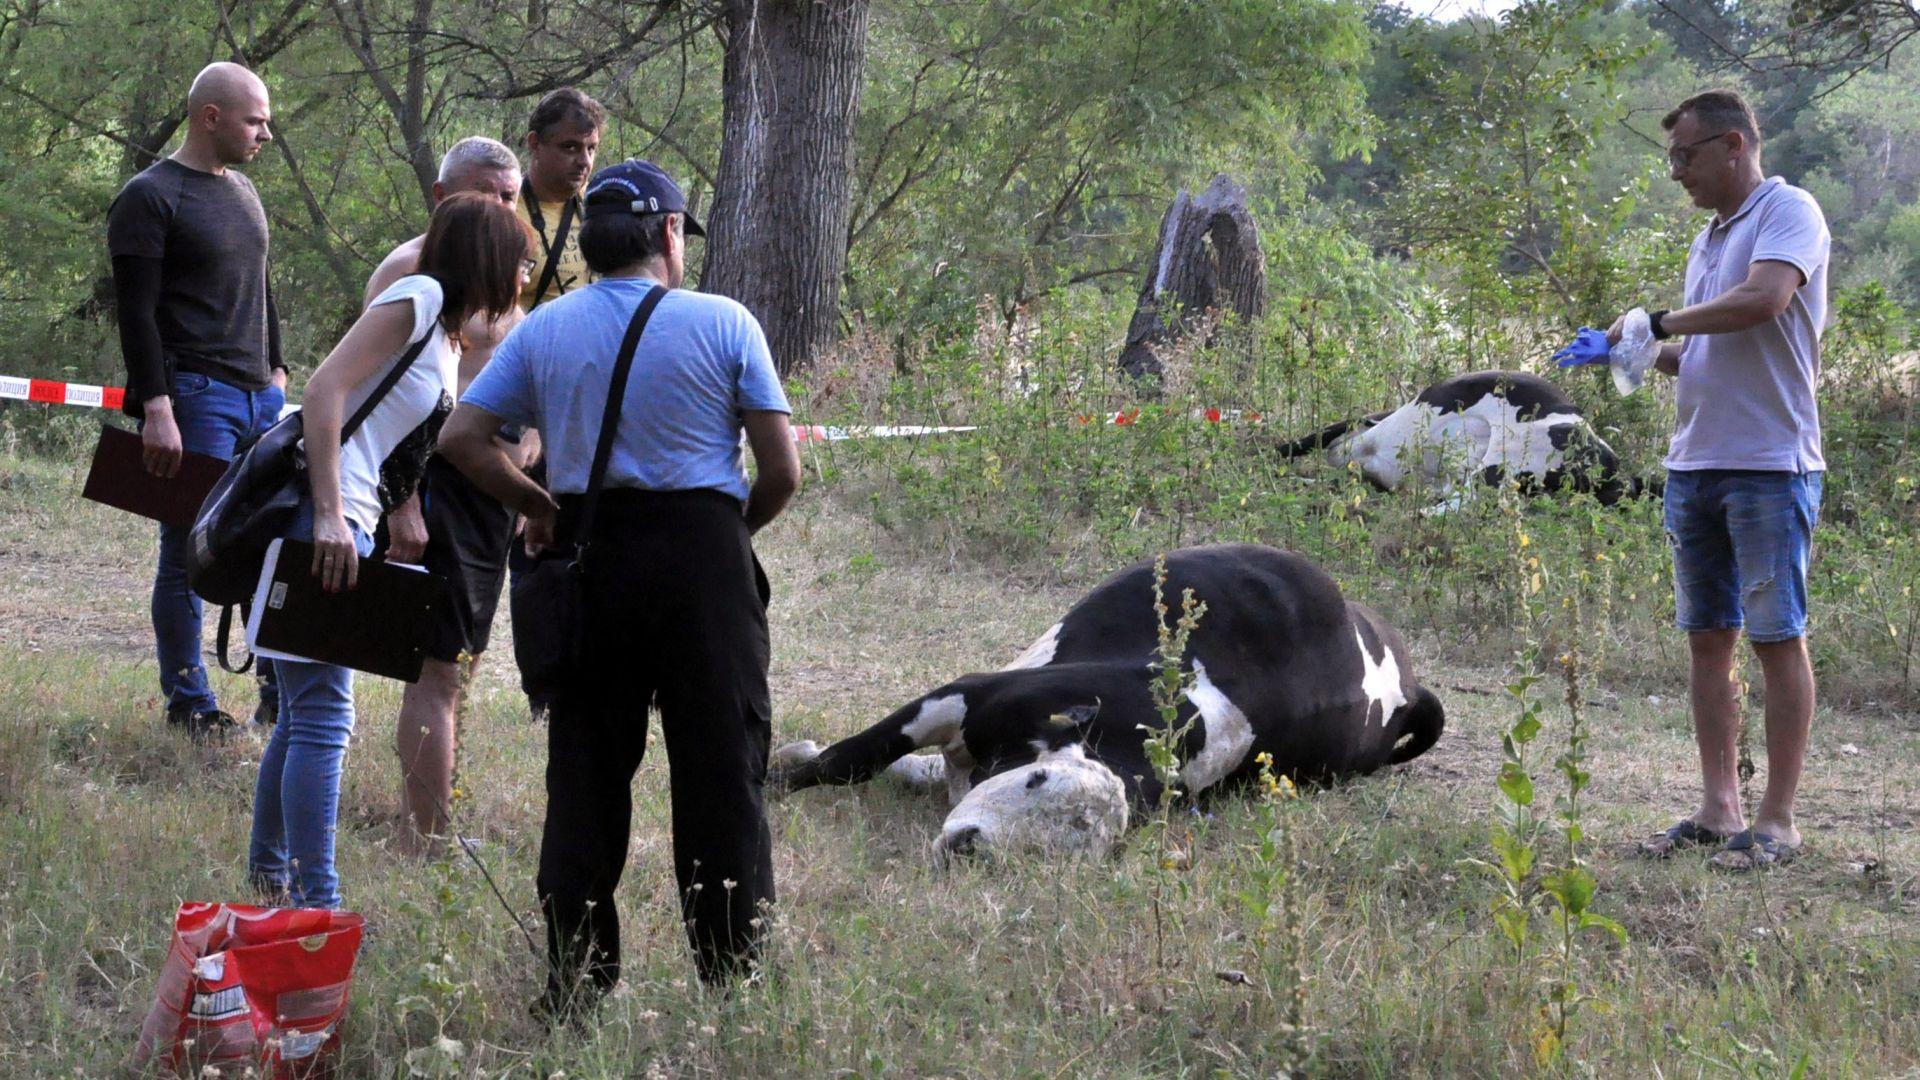 Установиха веществото, отровило кравите край Димитровград